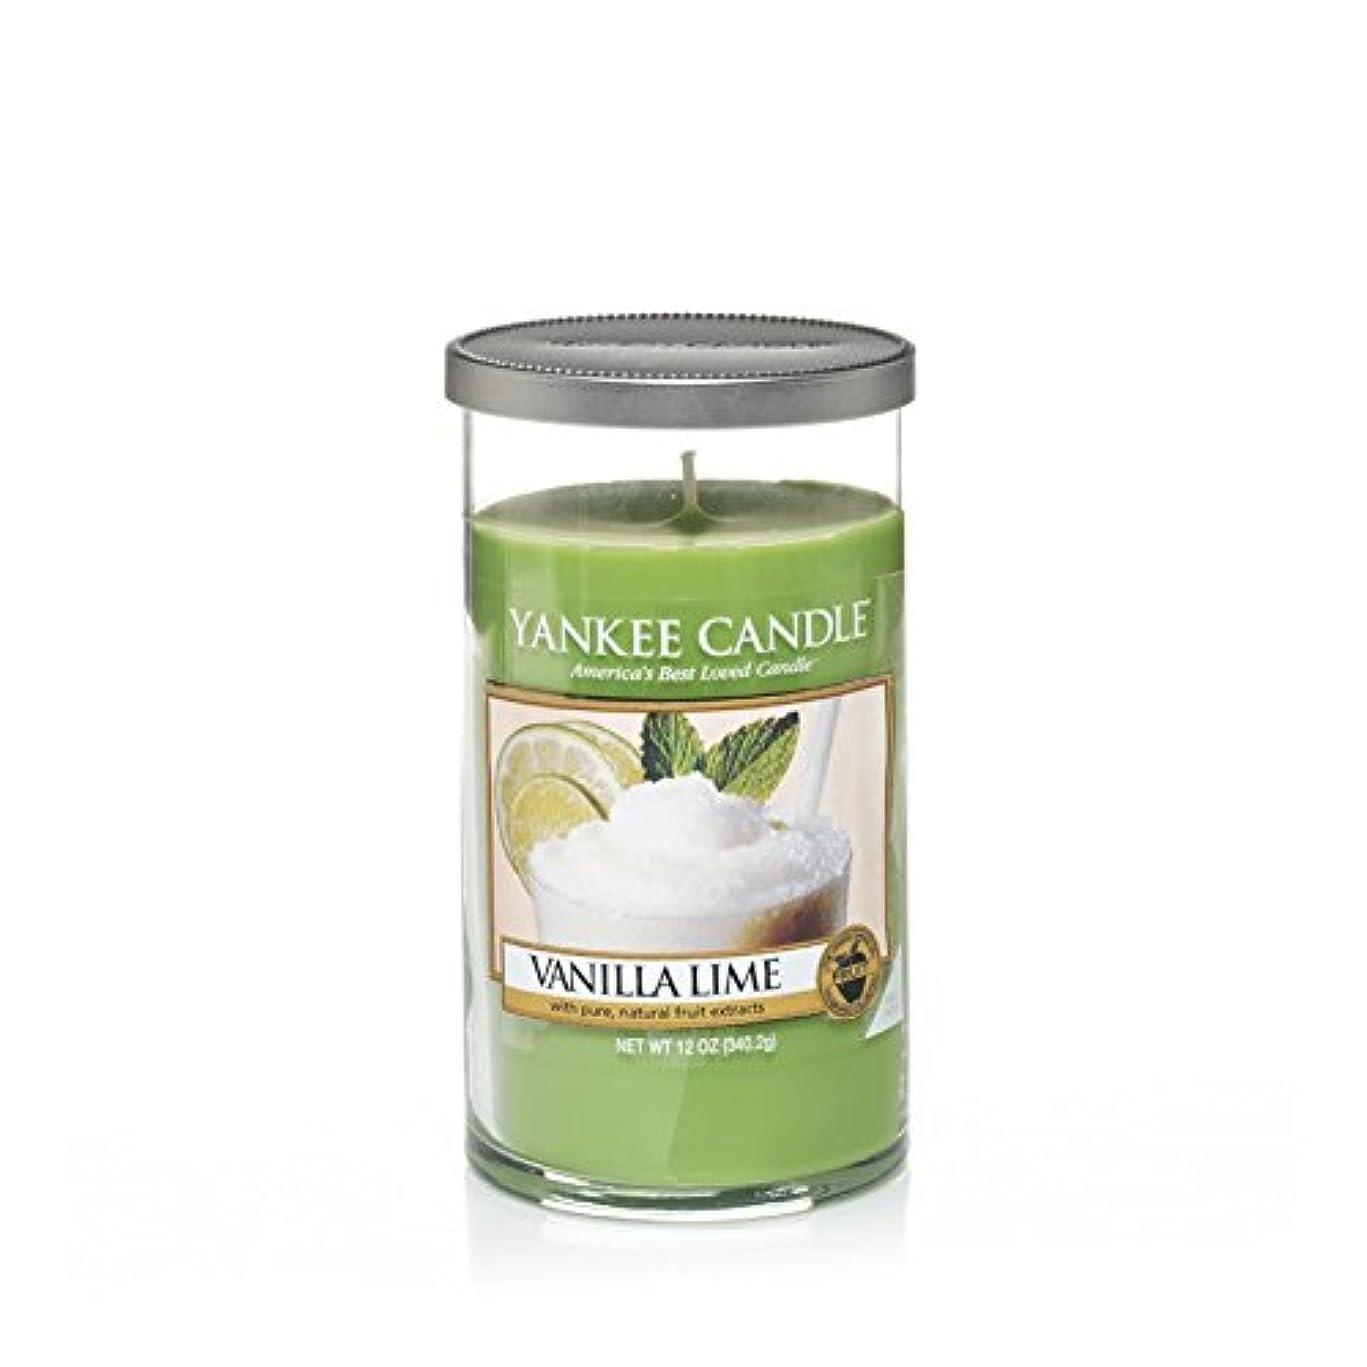 必須レシピ実験室Yankee Candles Medium Pillar Candle - Vanilla Lime (Pack of 6) - ヤンキーキャンドルメディアピラーキャンドル - バニラライム (x6) [並行輸入品]